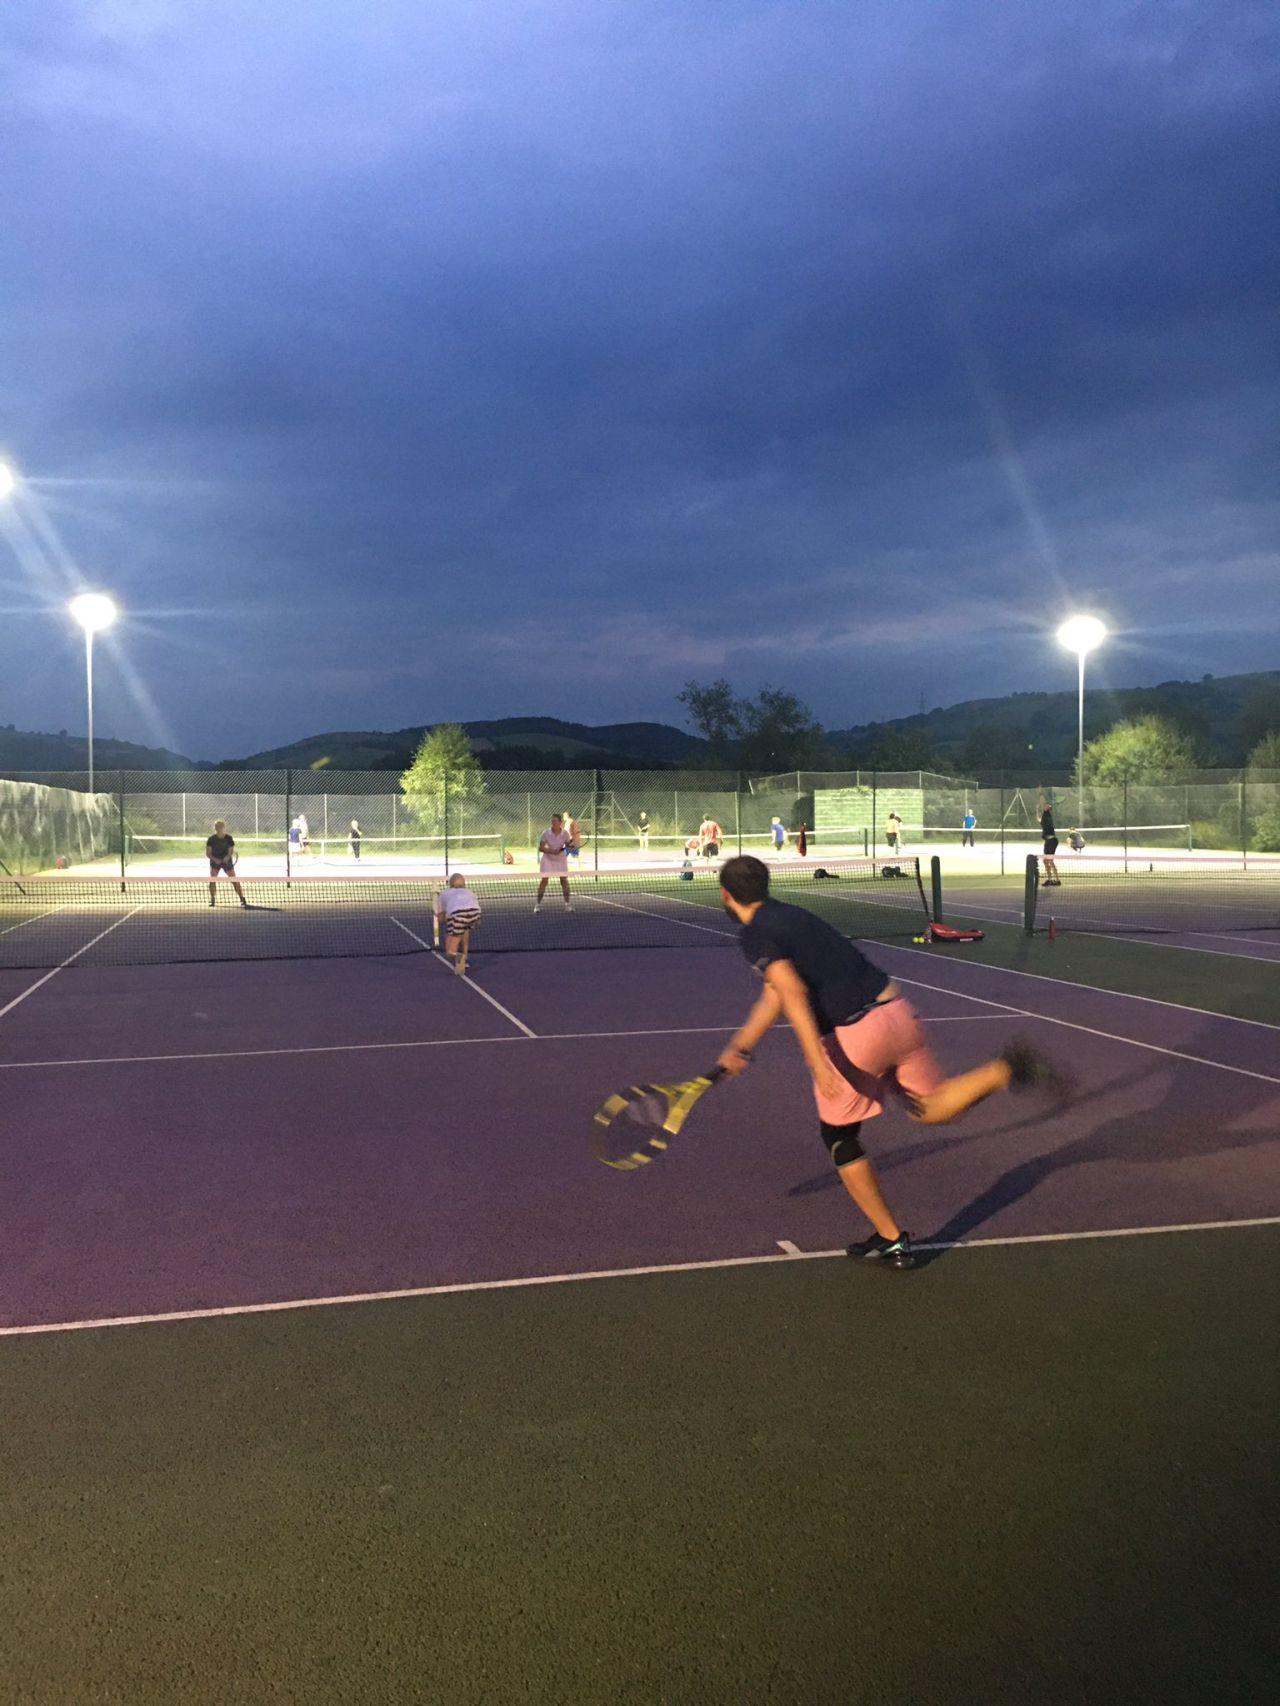 Caerphilly Tennis Floodlights: Case Study